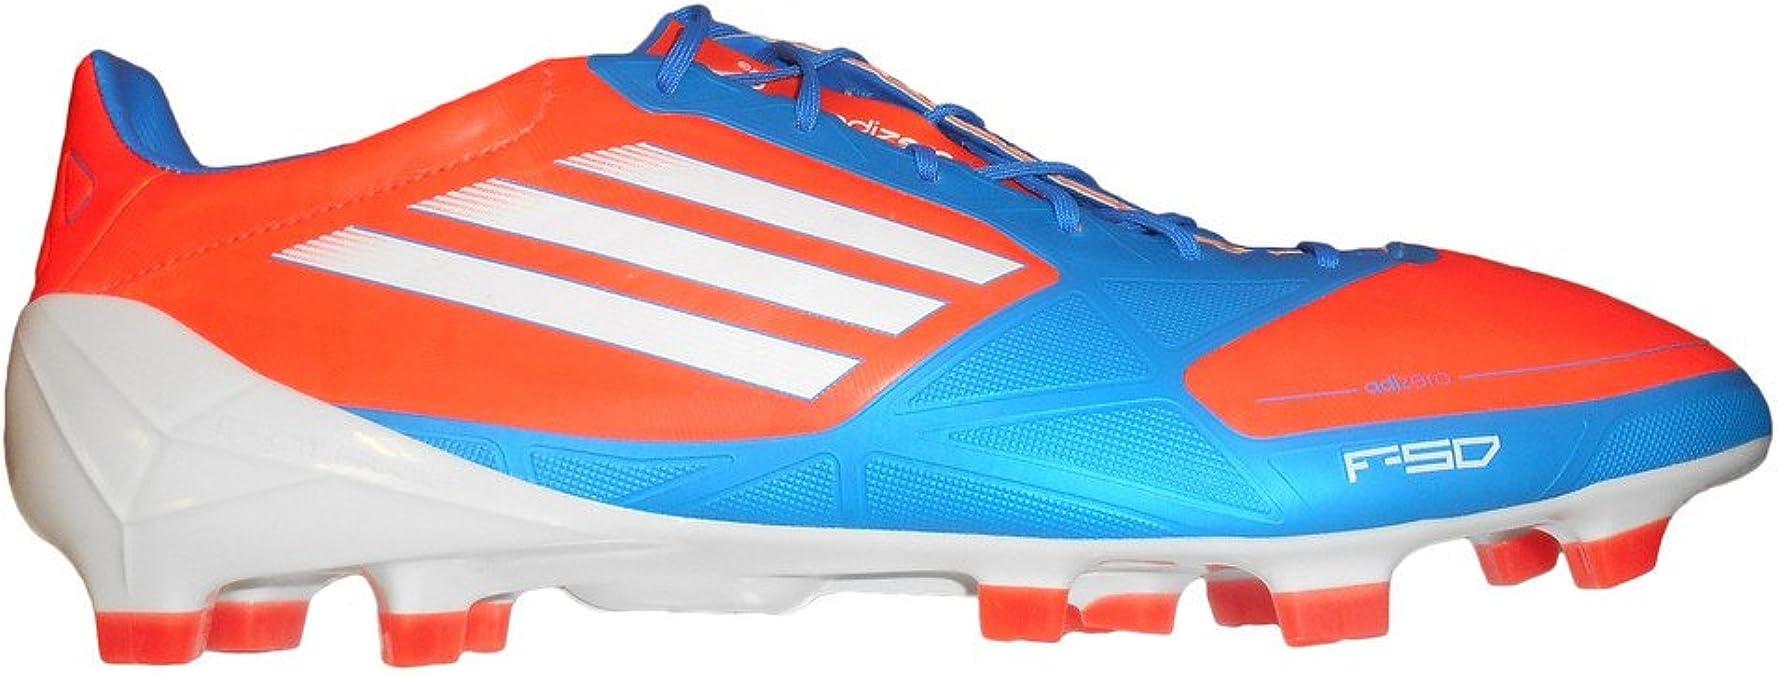 Adidas F50 Adizero TRX FG Syn Tacos de fútbol (12, infrarrojos / correr Blanco / azul brillante)